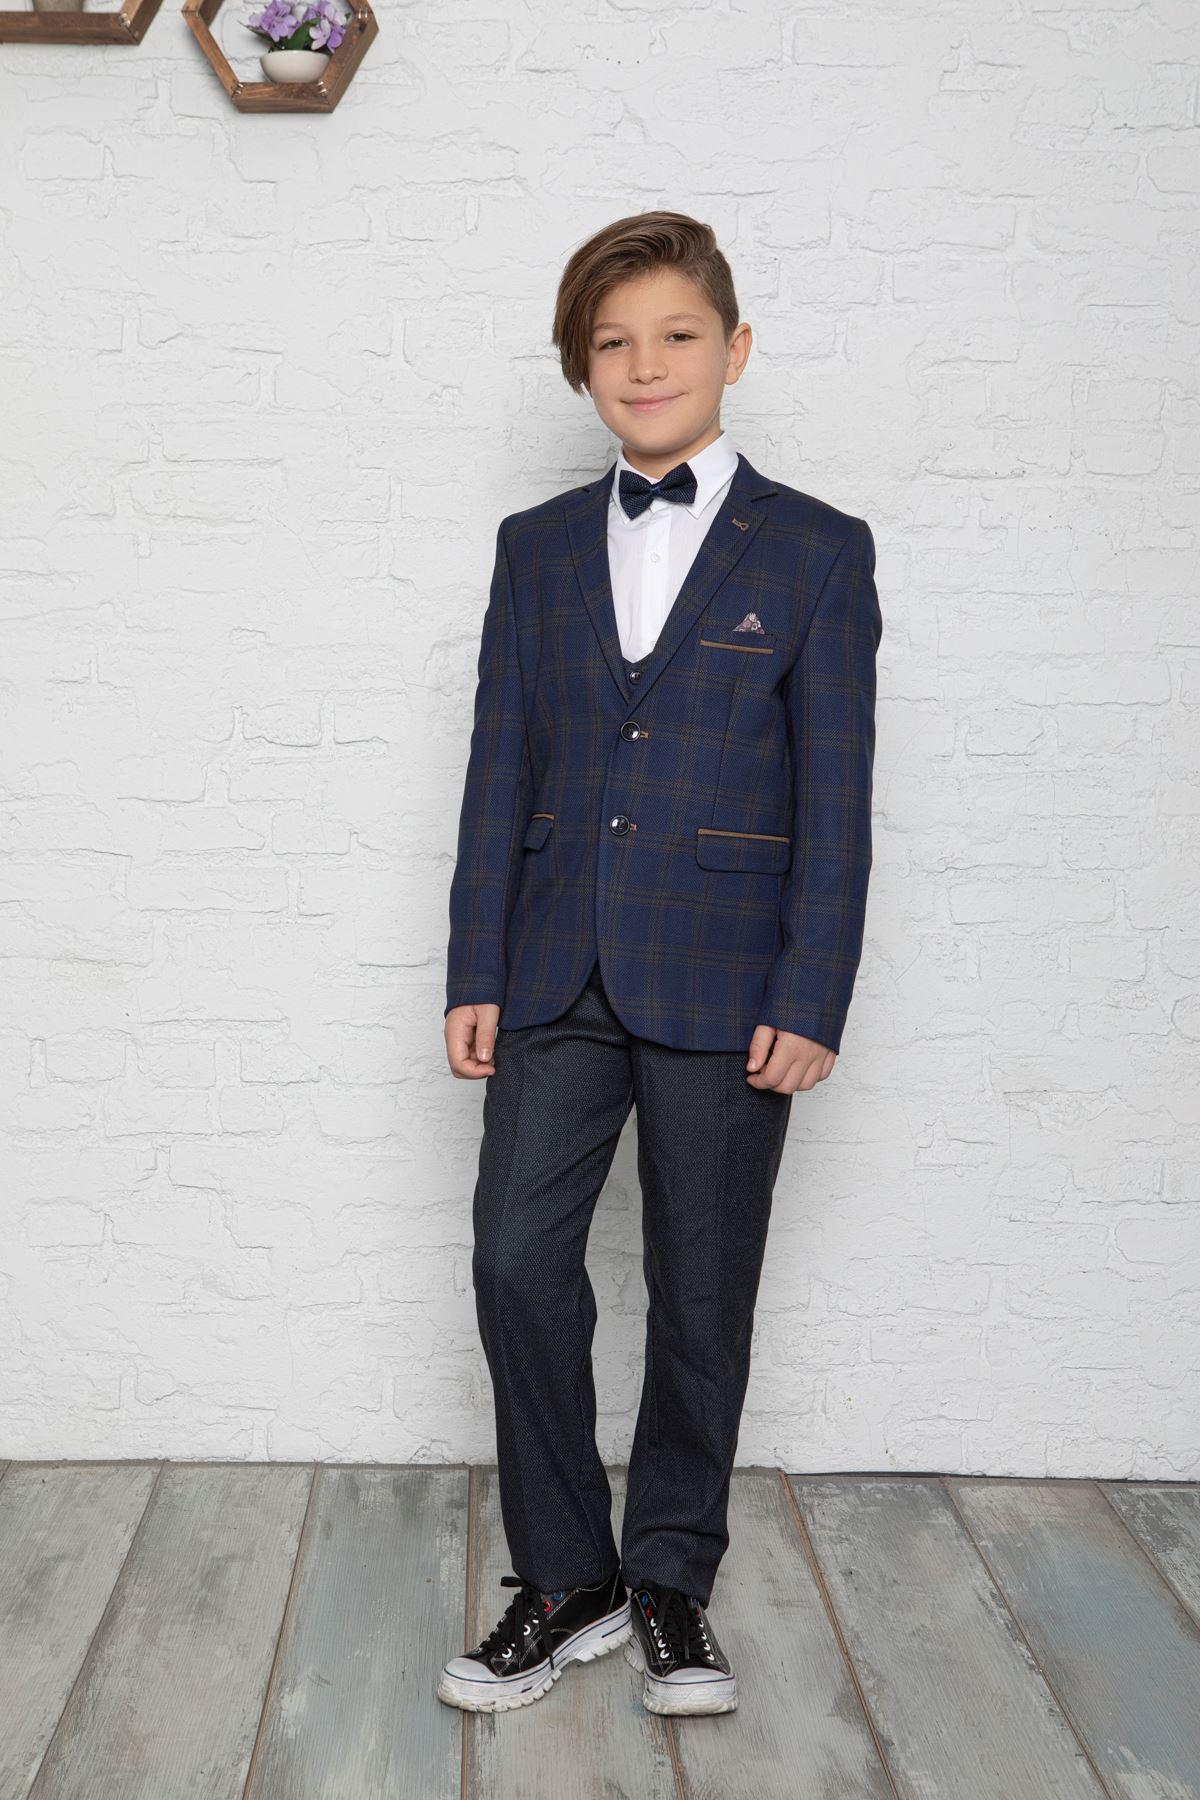 Erkek Çocuk Takım Elbise